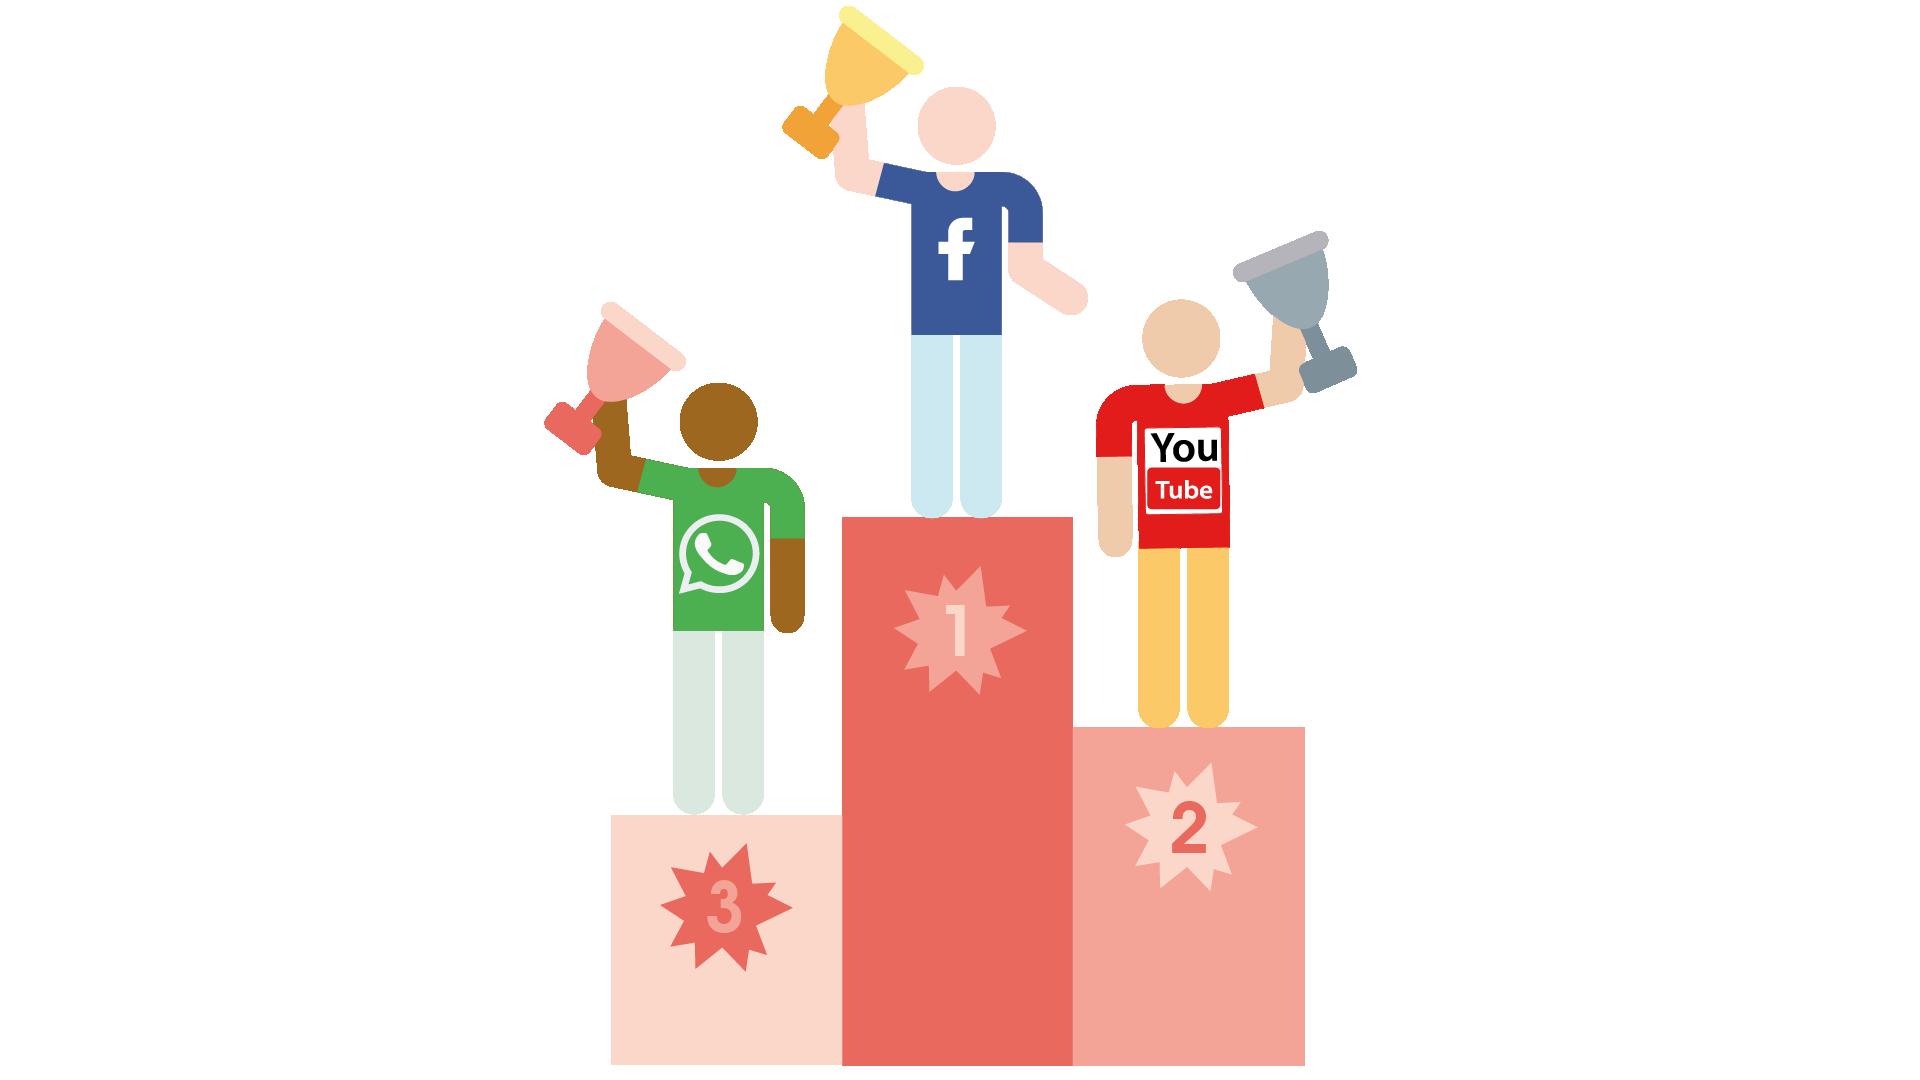 Zu sehen ist eine Grafik, die ein Ranking der Social Media Nutzung darstellt. Auf Platz drei ist hier WhatsApp zu finden. Nur knapp hinter Facebook und somit auf Platz zwei ist YouTube.